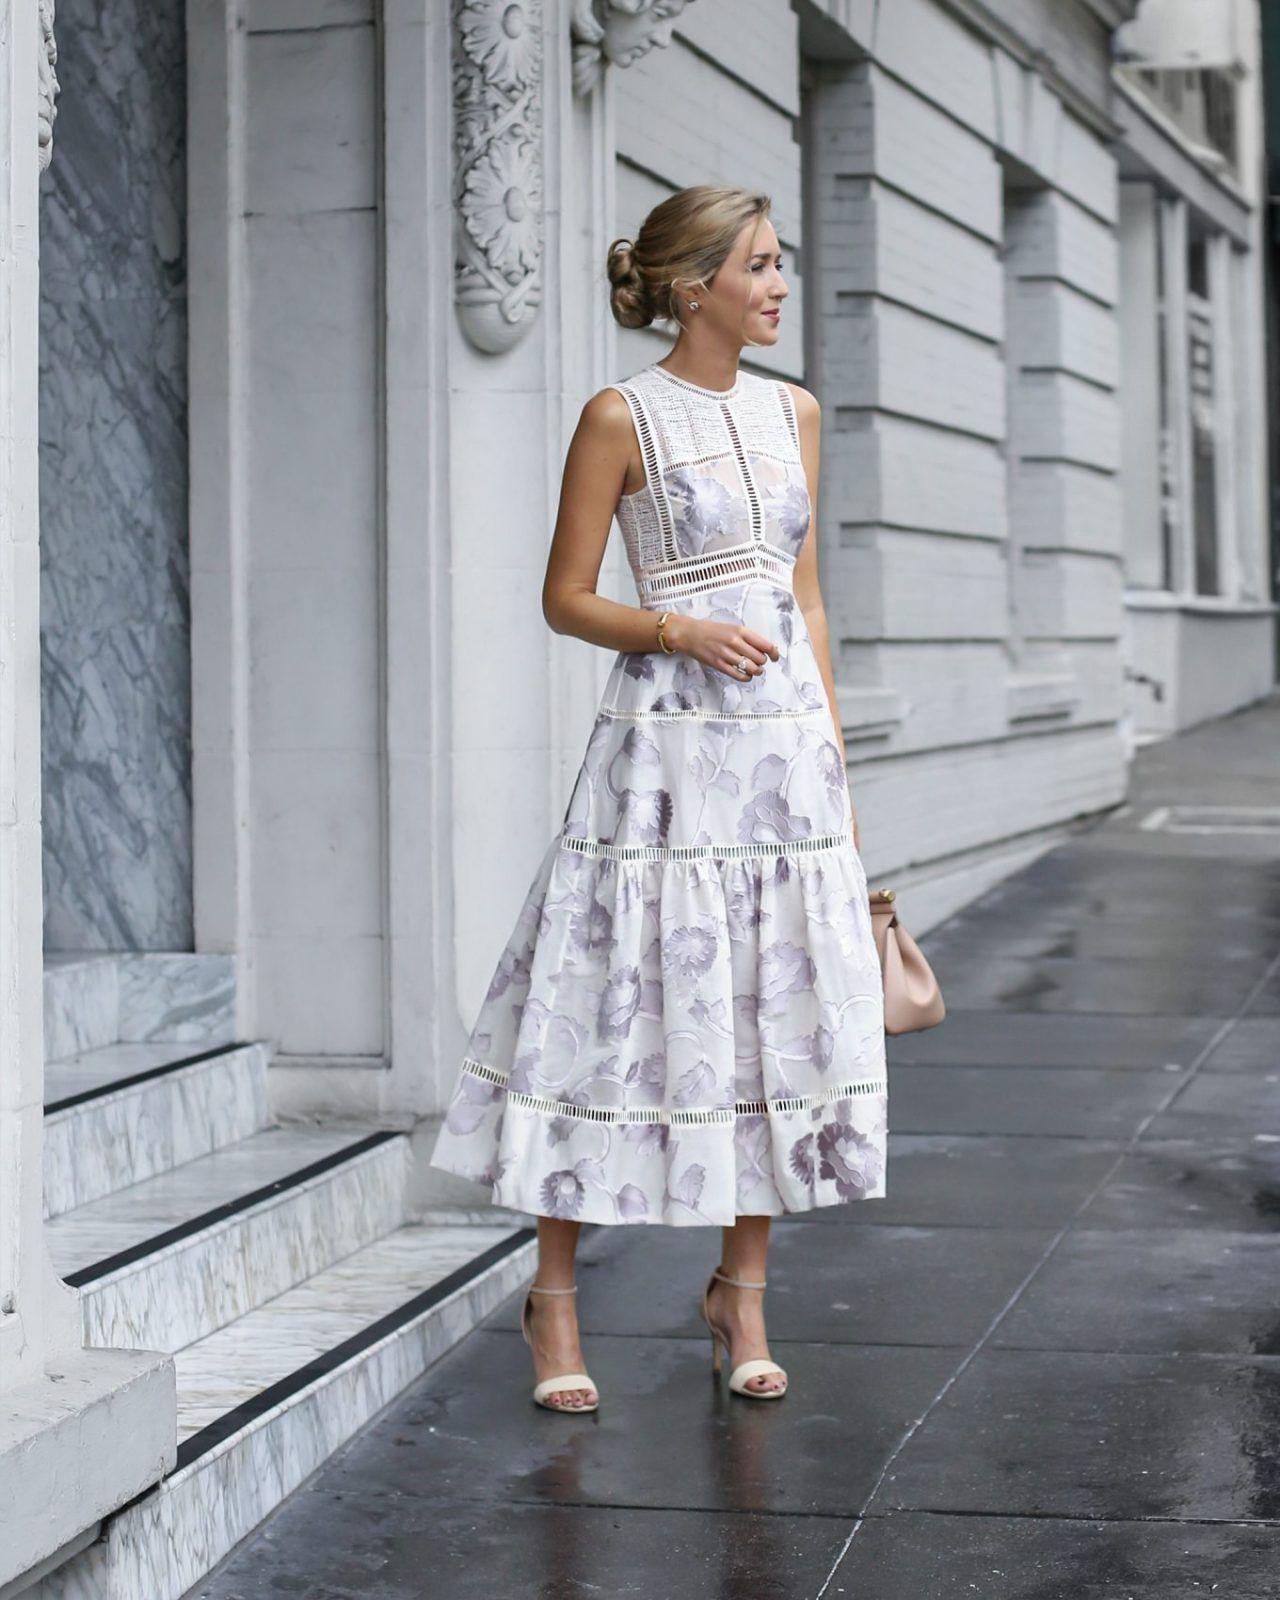 Everything Feminine  Sommerkleid Modestil Tageskleider